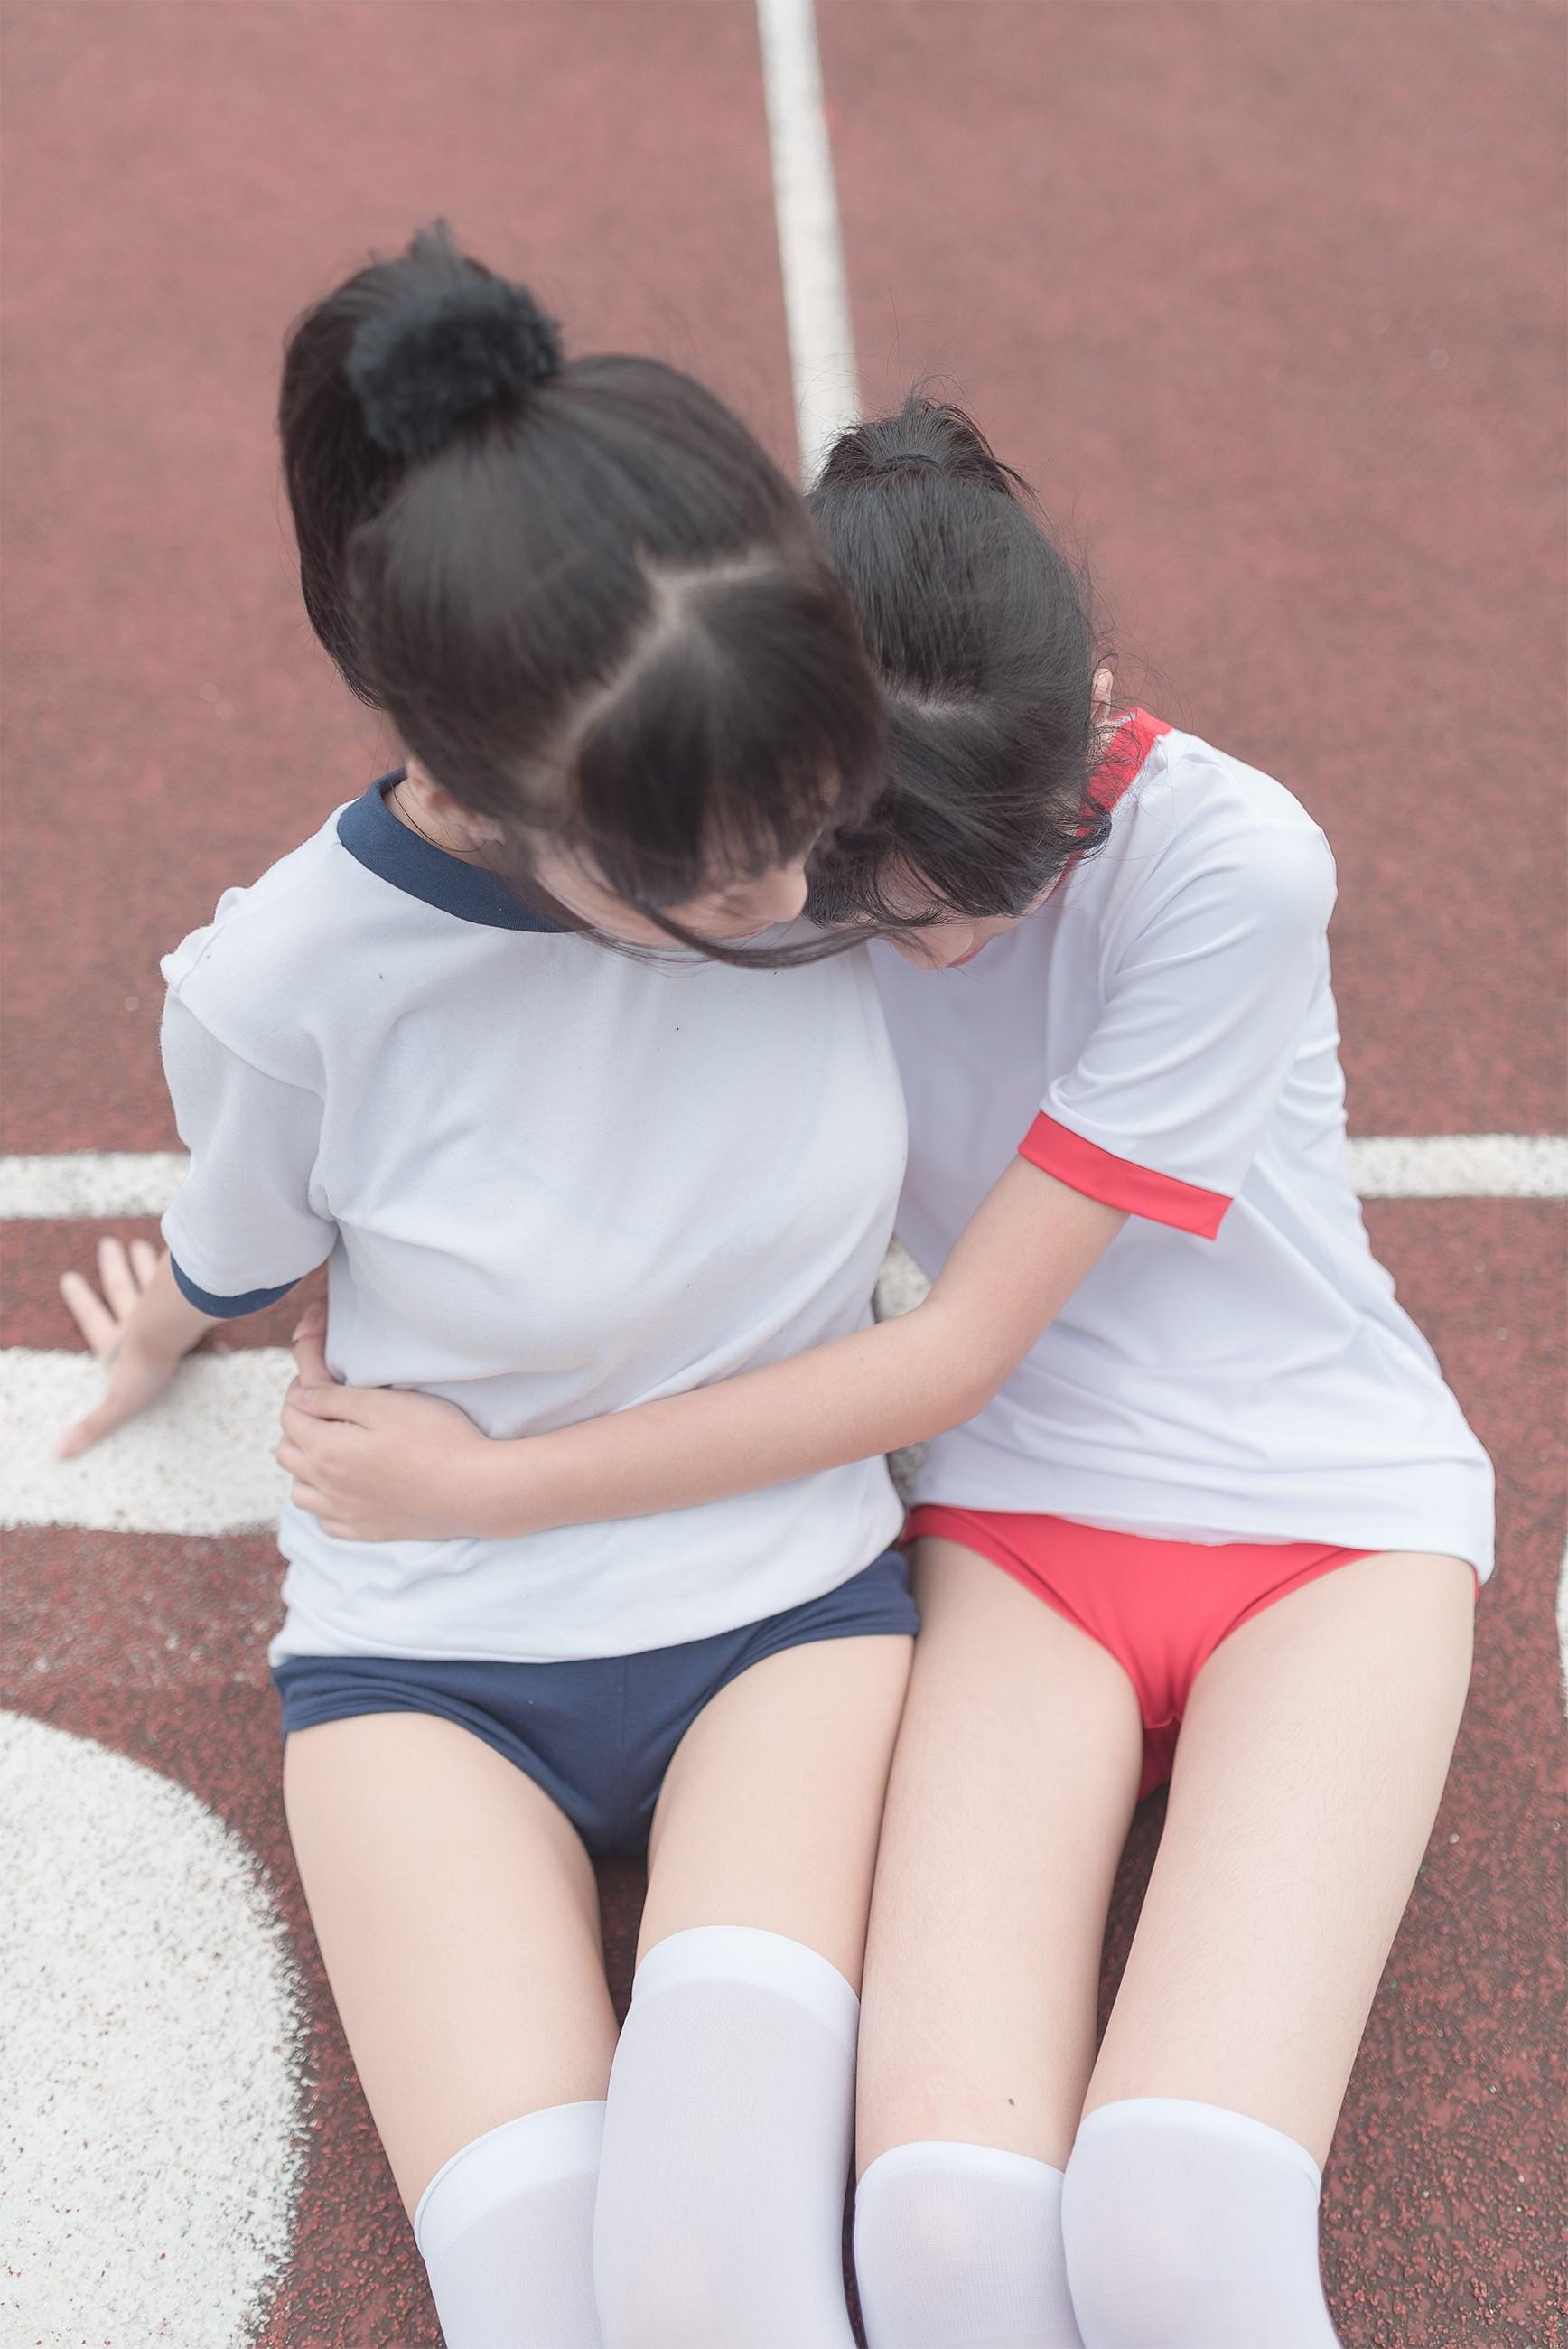 【兔玩映画】百合体操服少女 兔玩映画 第2张